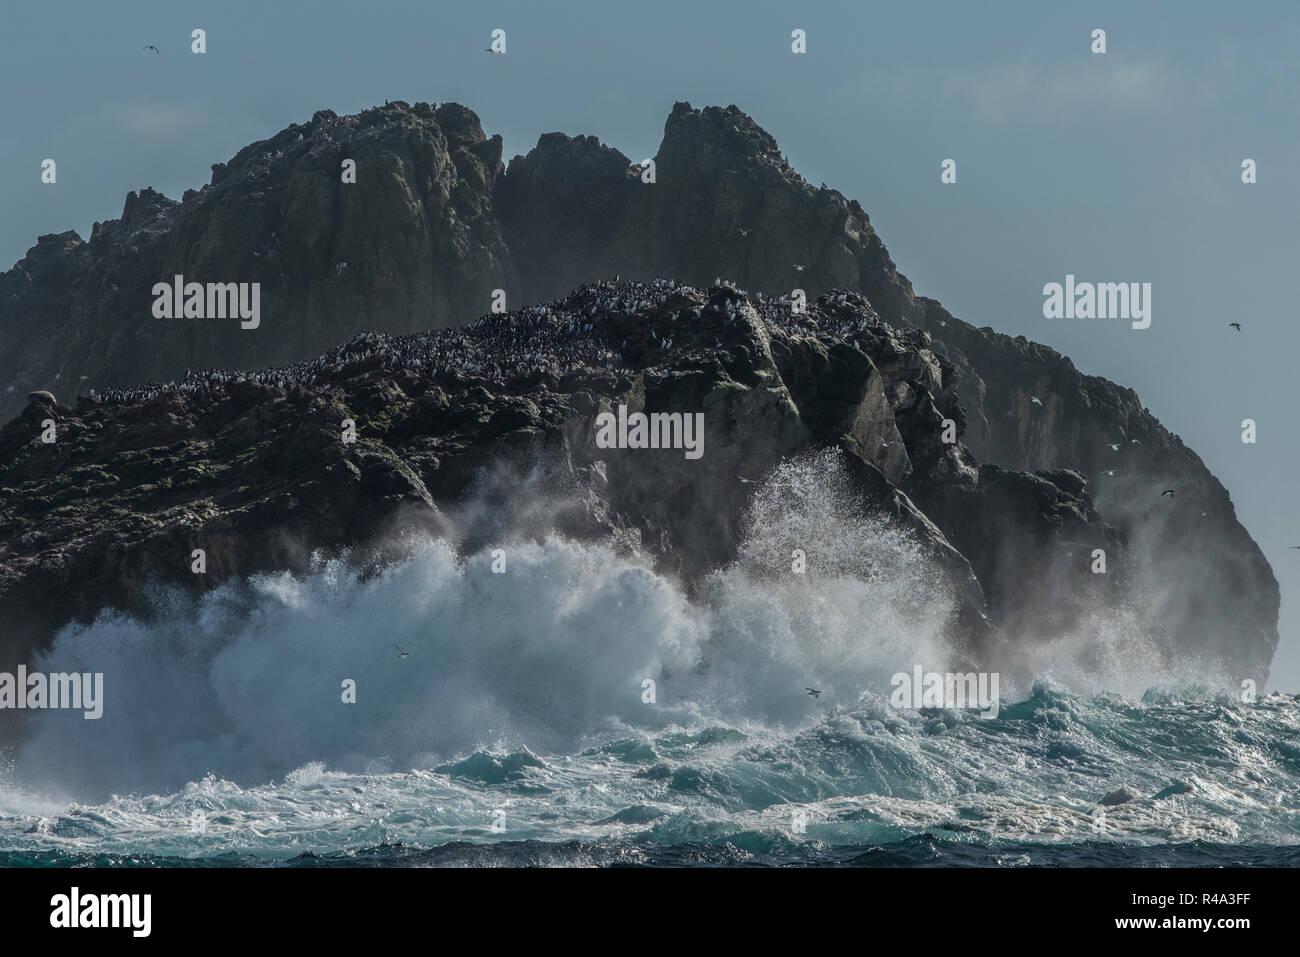 Las olas chocan contra la orilla de las Islas Farallón frente a la costa de California, las islas son un importante sitio de anidación de aves pelágicas. Foto de stock